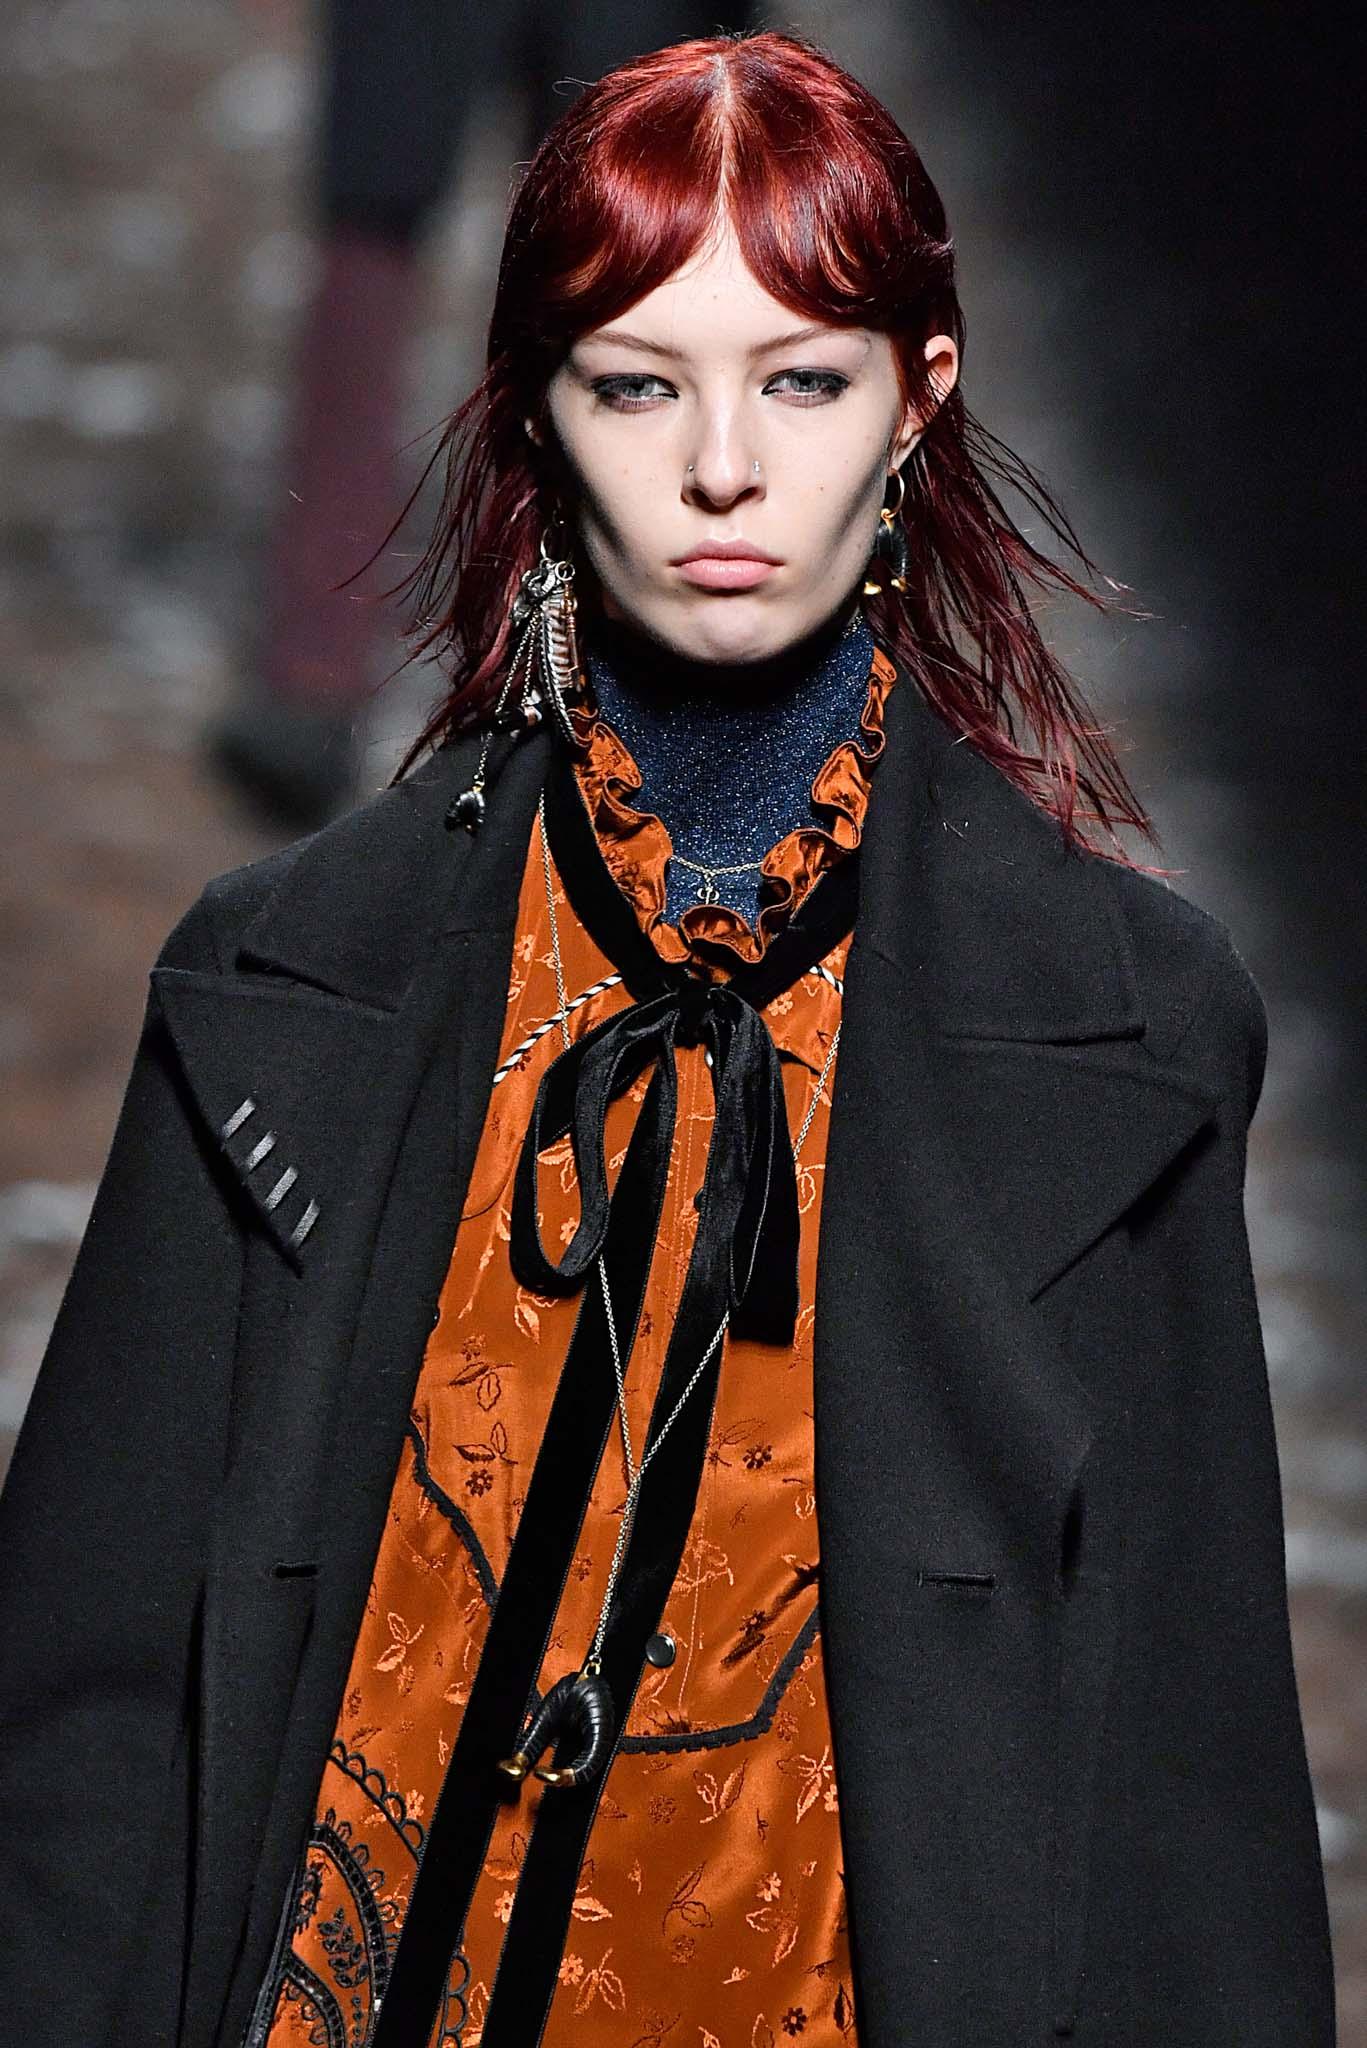 pelo rojo tintura decoloración flequillo abierto coach